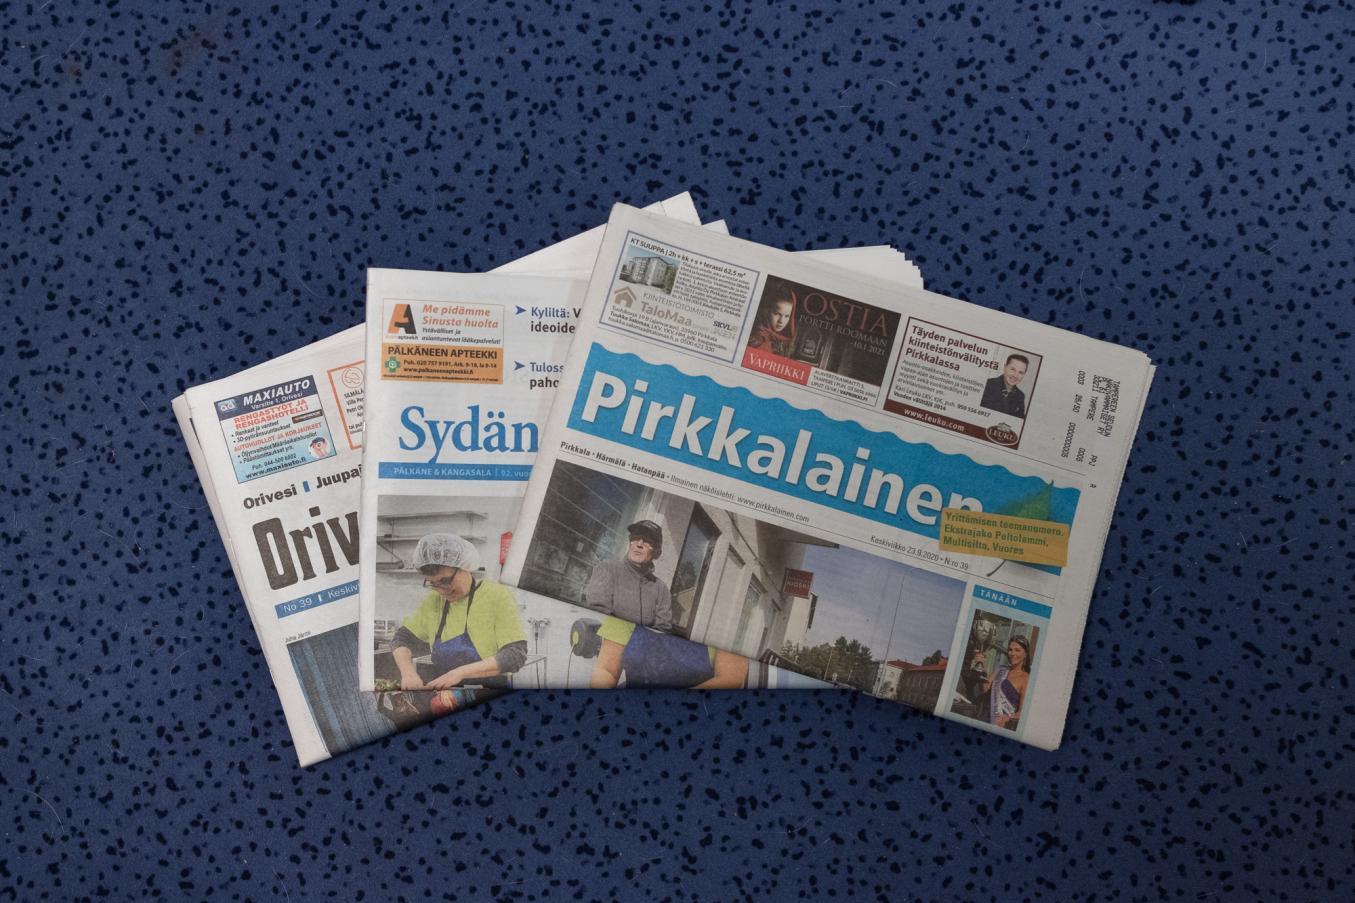 Sinisellä taustalla kolme paikallislehteä lomittain päällekkäin vinosti pinottuna.